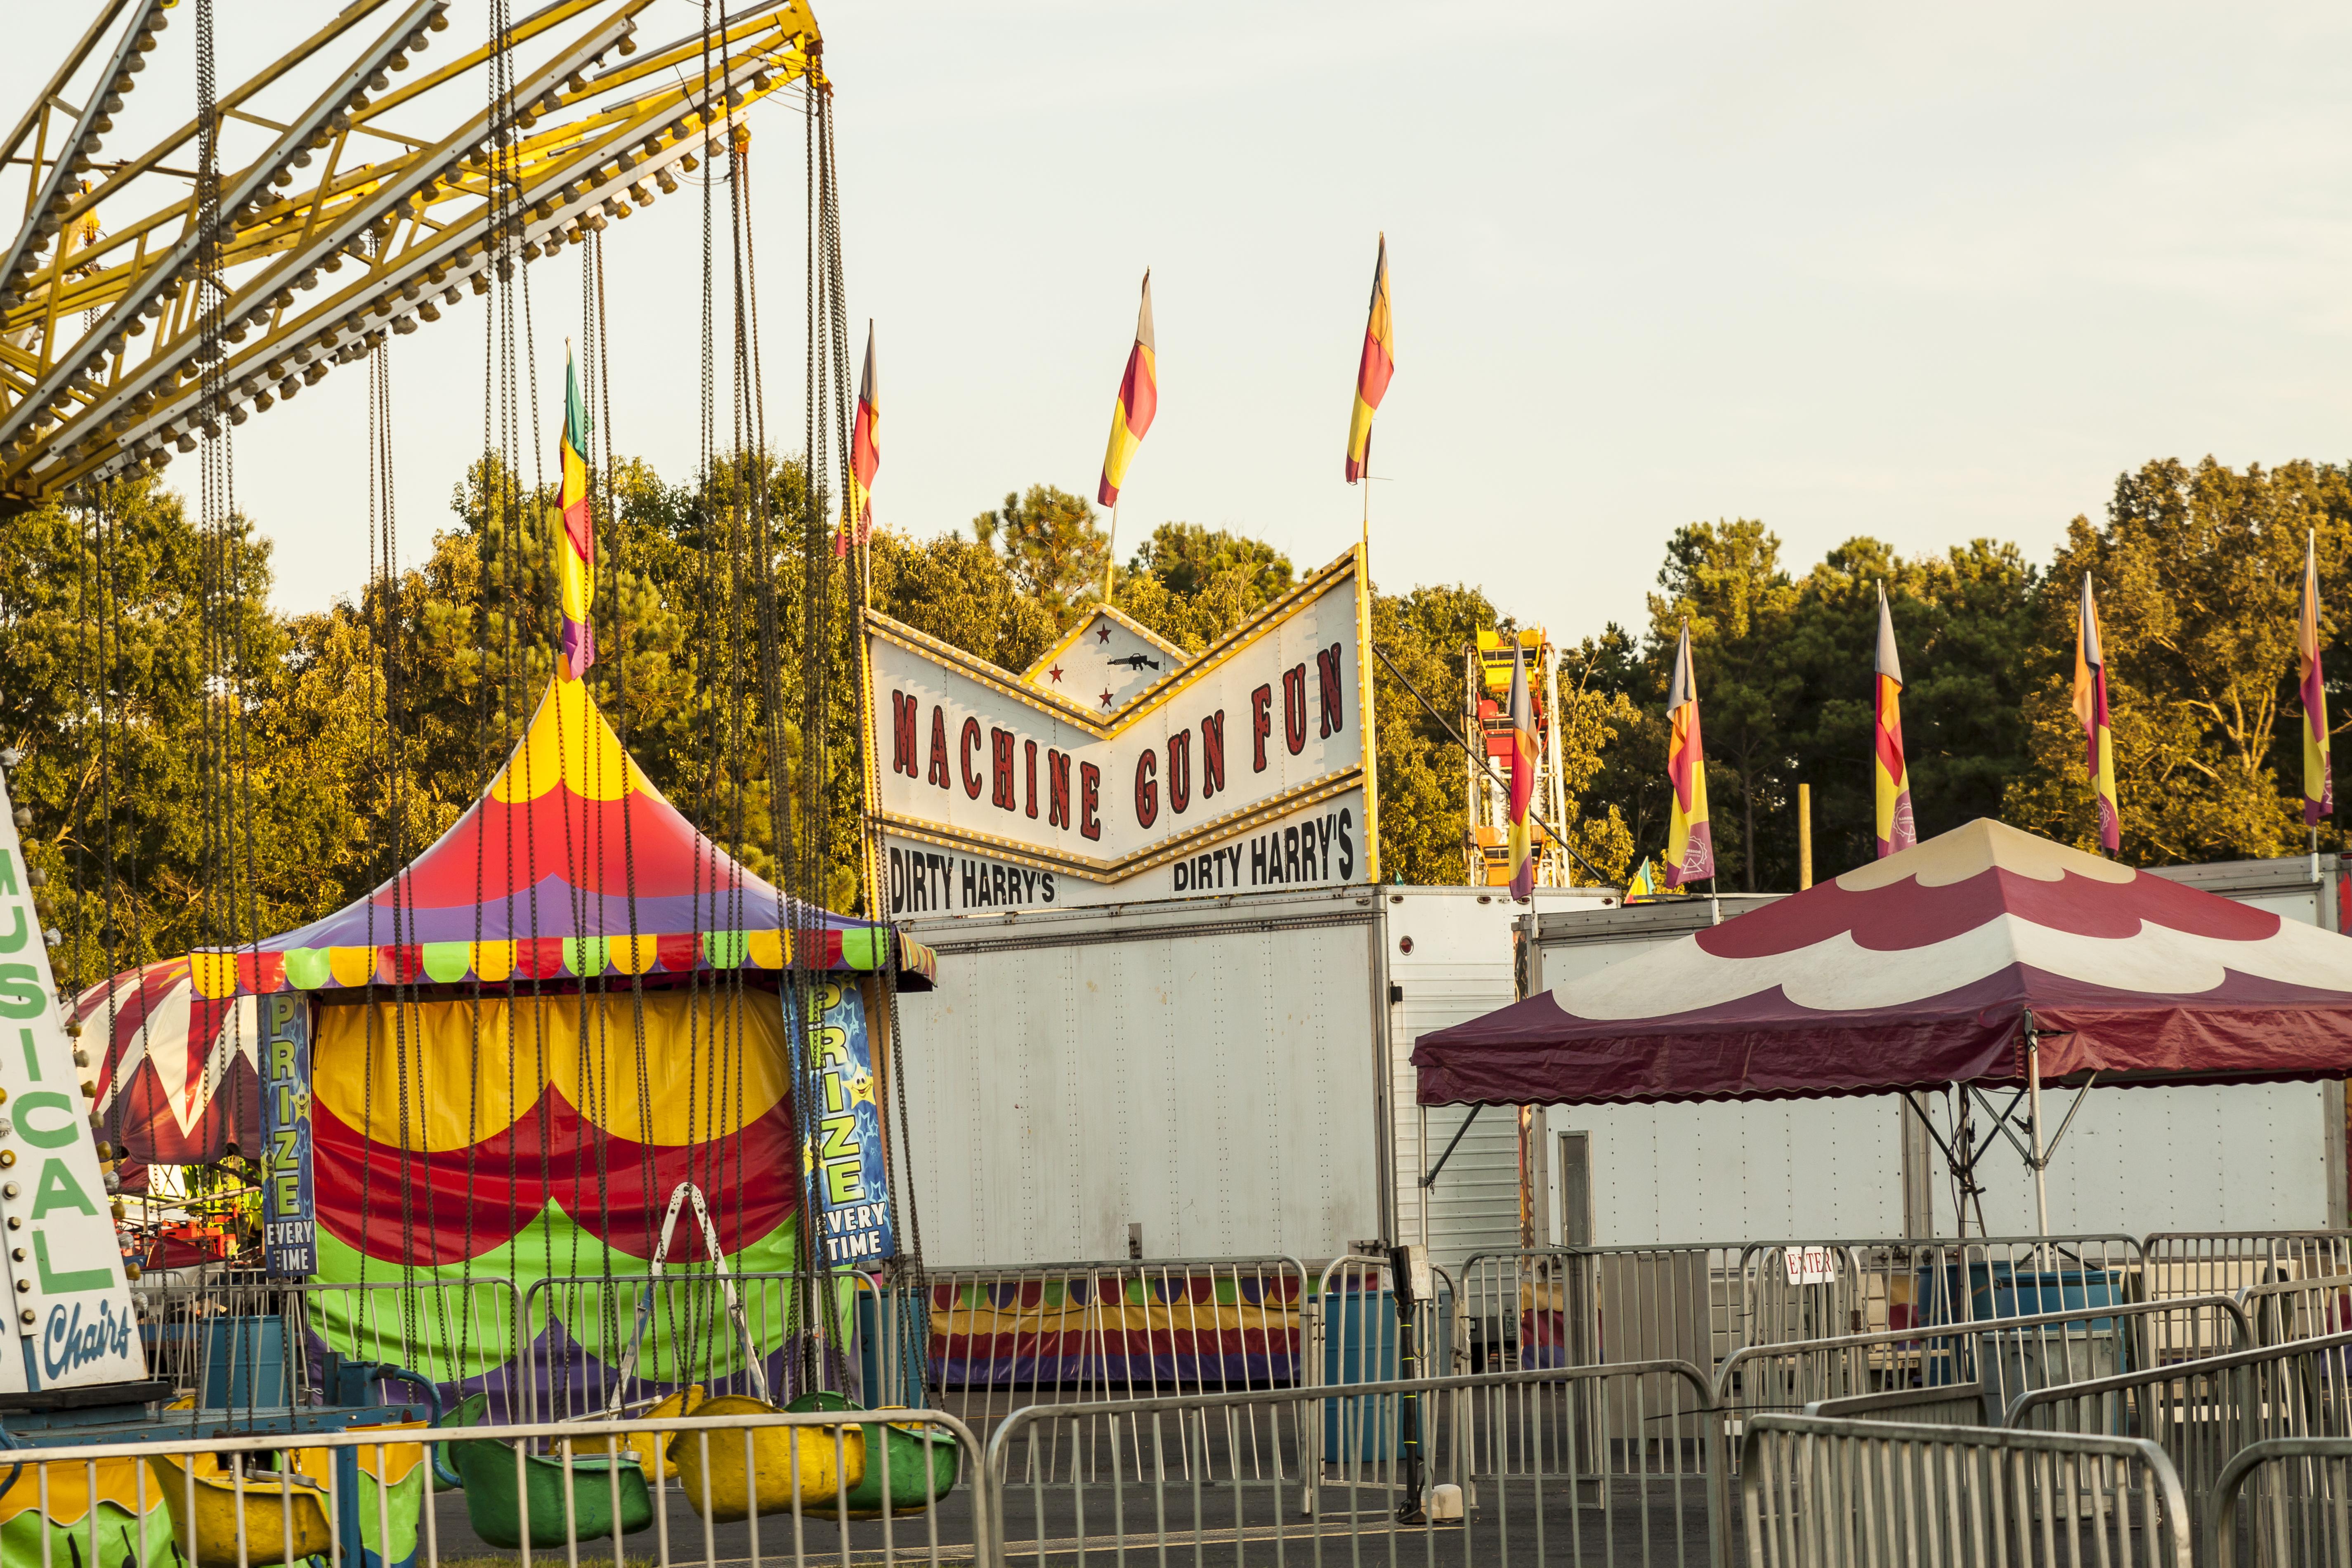 Fair Rides - Chesterfield County Fair